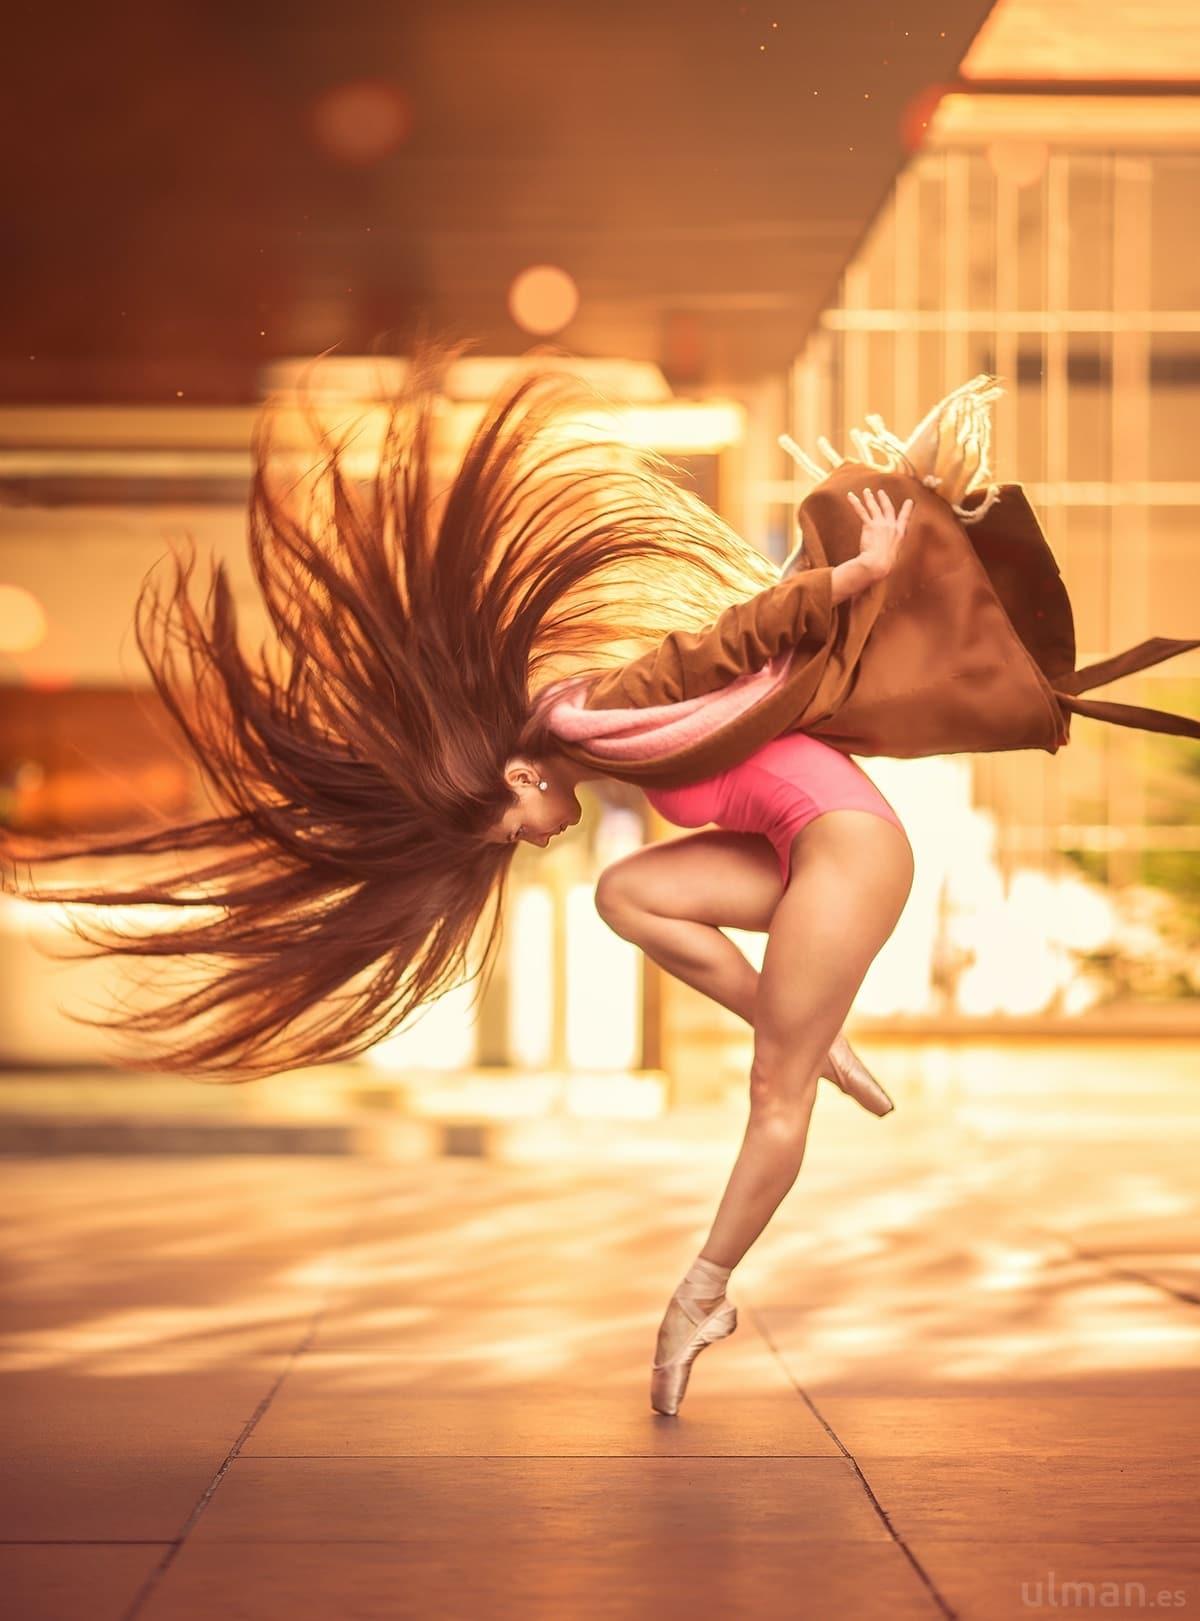 Dance Photography by Anna Ulman